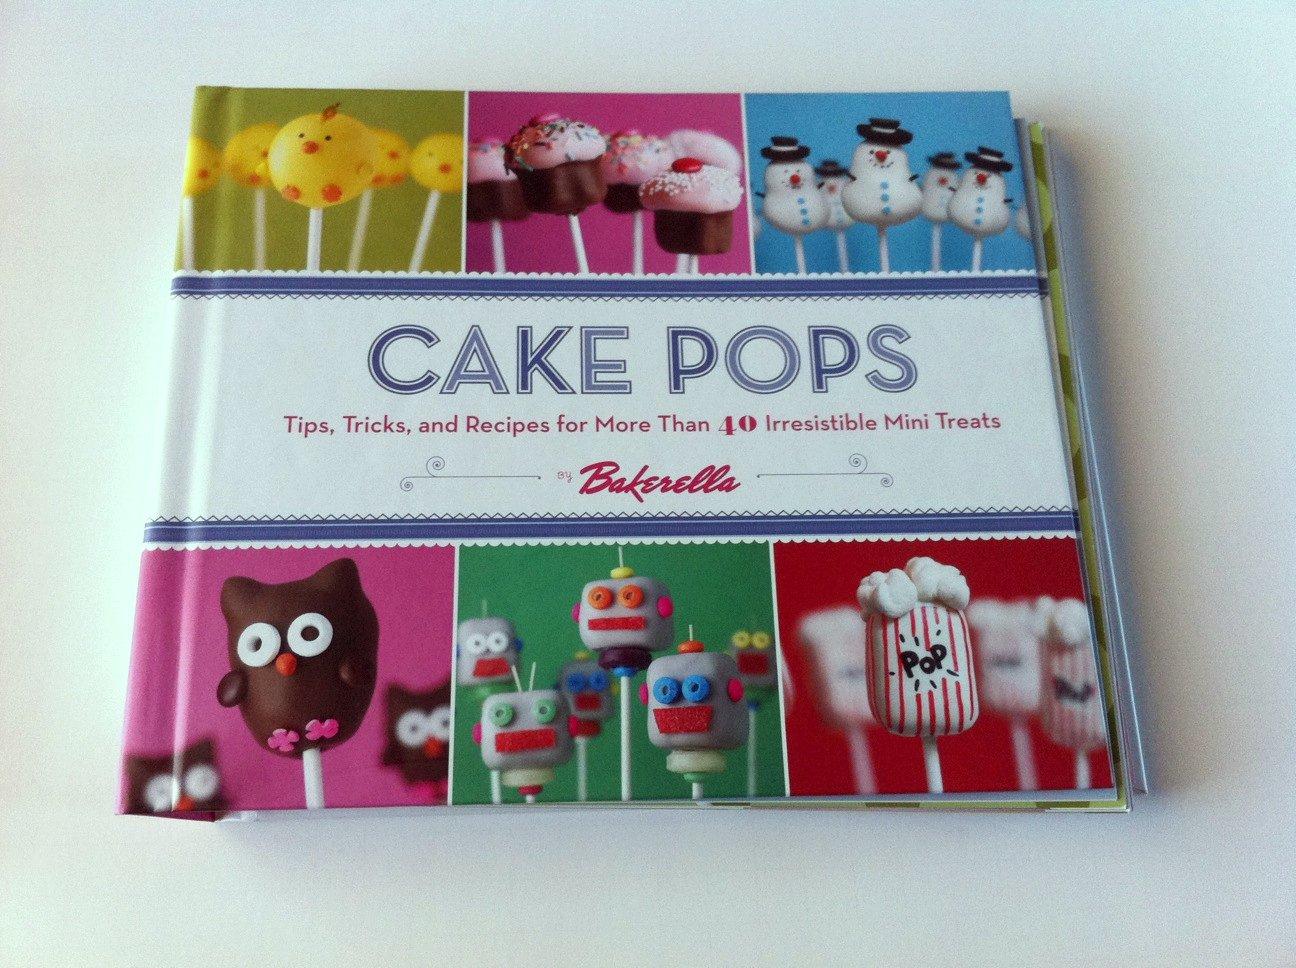 http://1.bp.blogspot.com/-YwNa6f3d-zU/TdFbzSc8IOI/AAAAAAAAB9w/4ZlP3PSzexs/s1600/cake%2Bpops%2Bbook.JPG